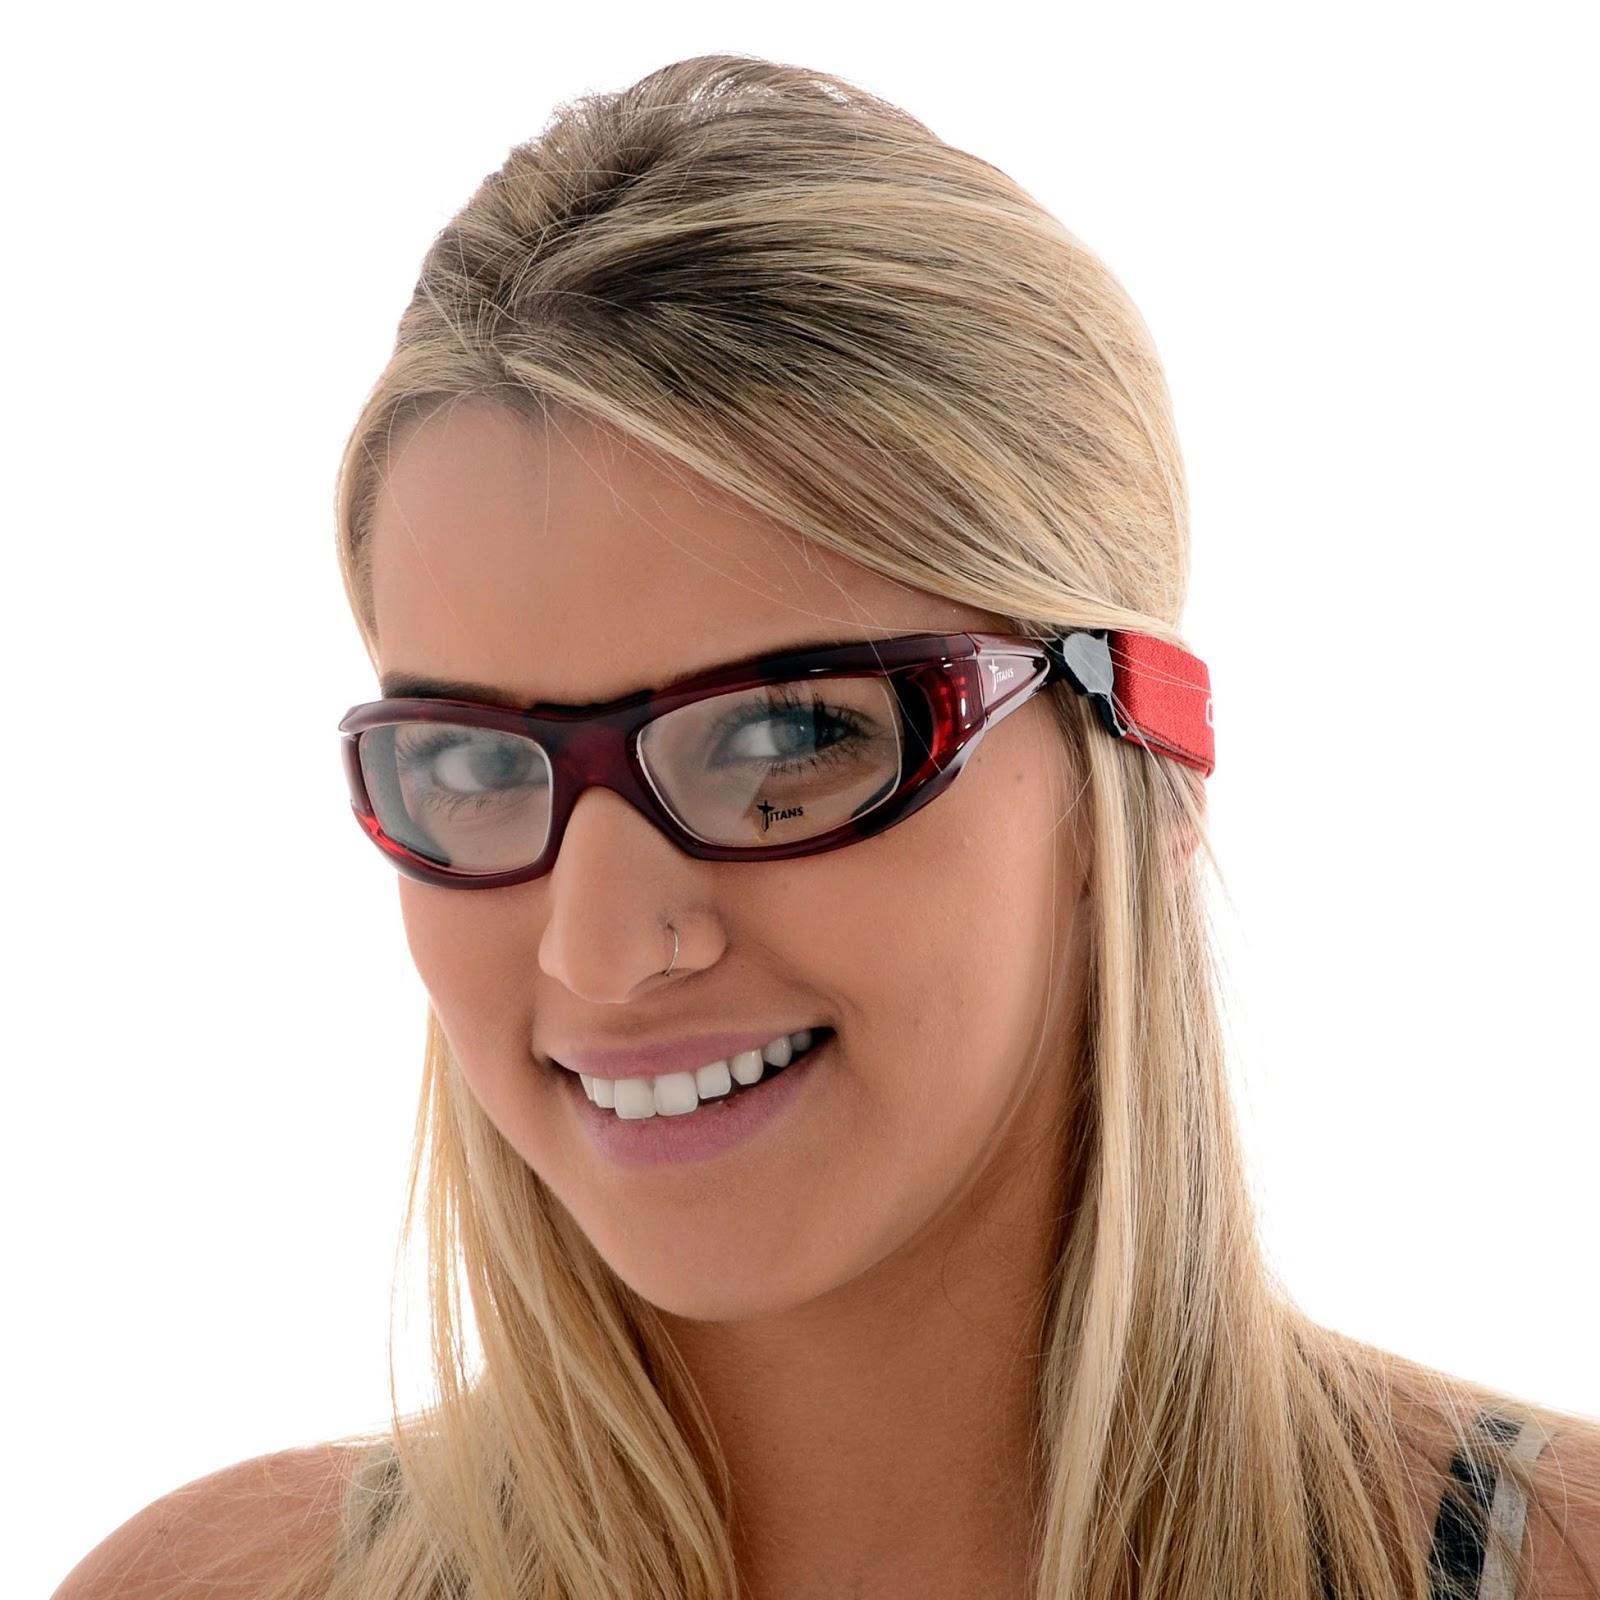 Óculos para Esportes Titans Atlas, podendo ser usados tanto para prática de  esportes como para uso diário, pois possuem exclusivas tiras elásticas ... 34b30138cc